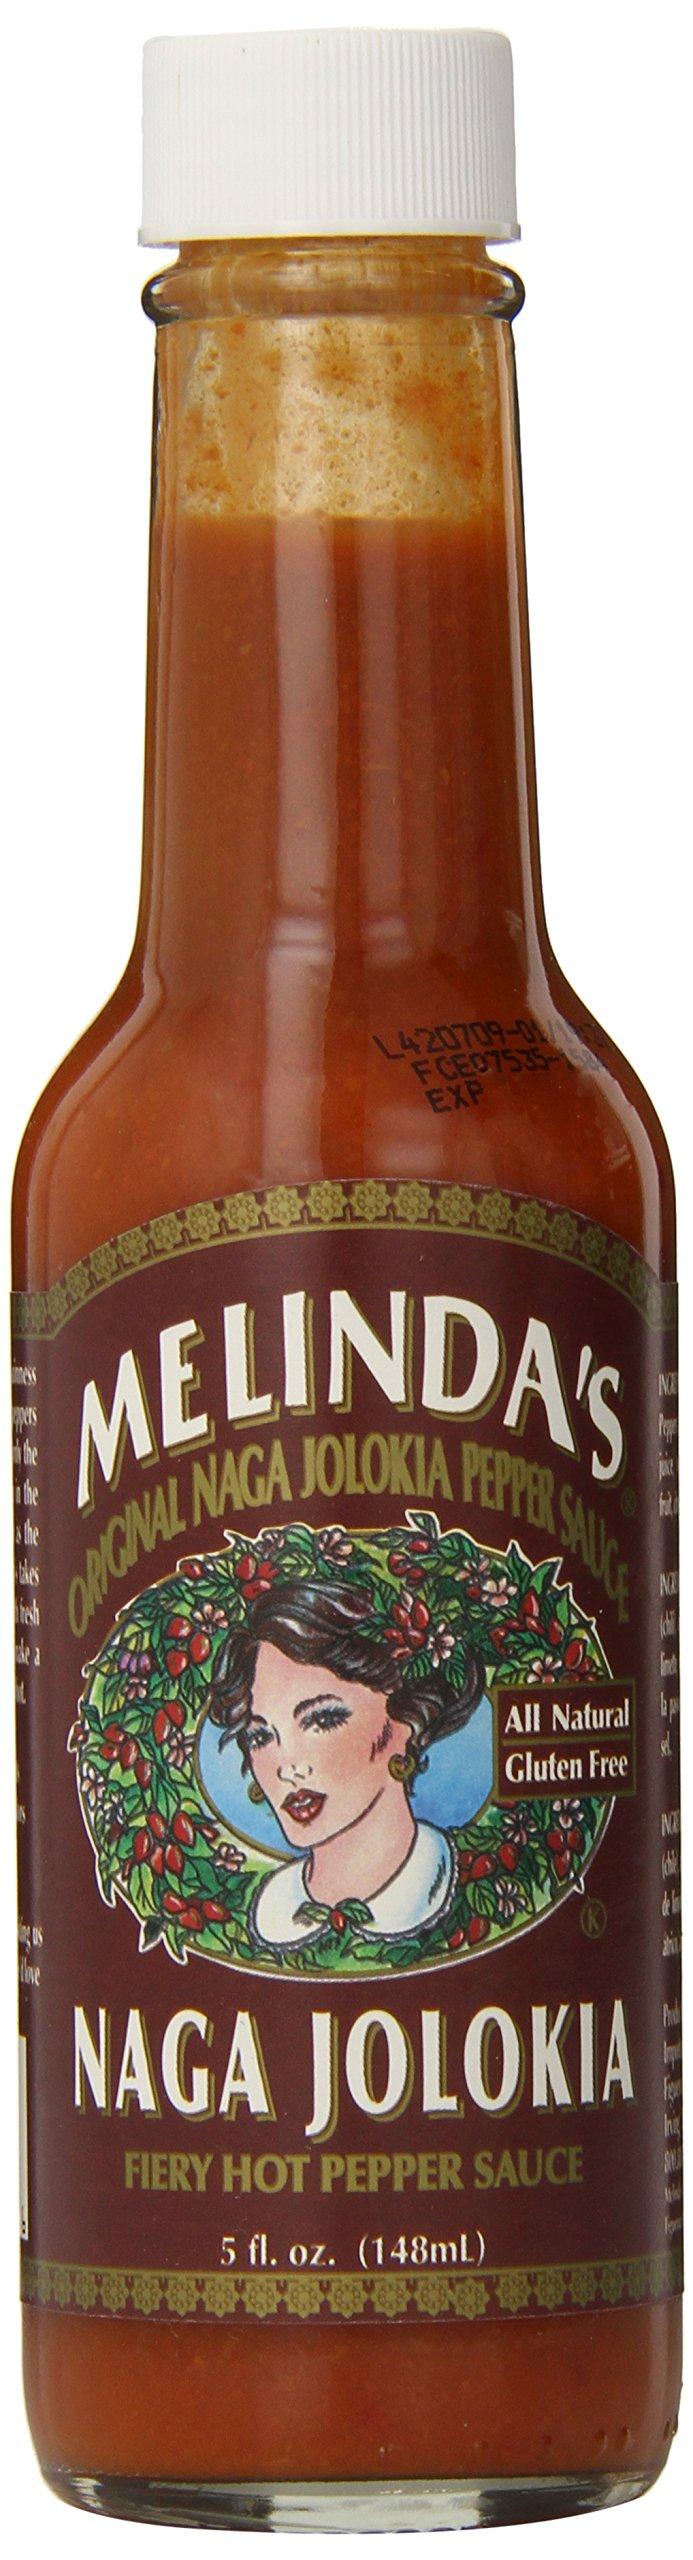 Melindas Naga Jolokia Hot Sauce, ...